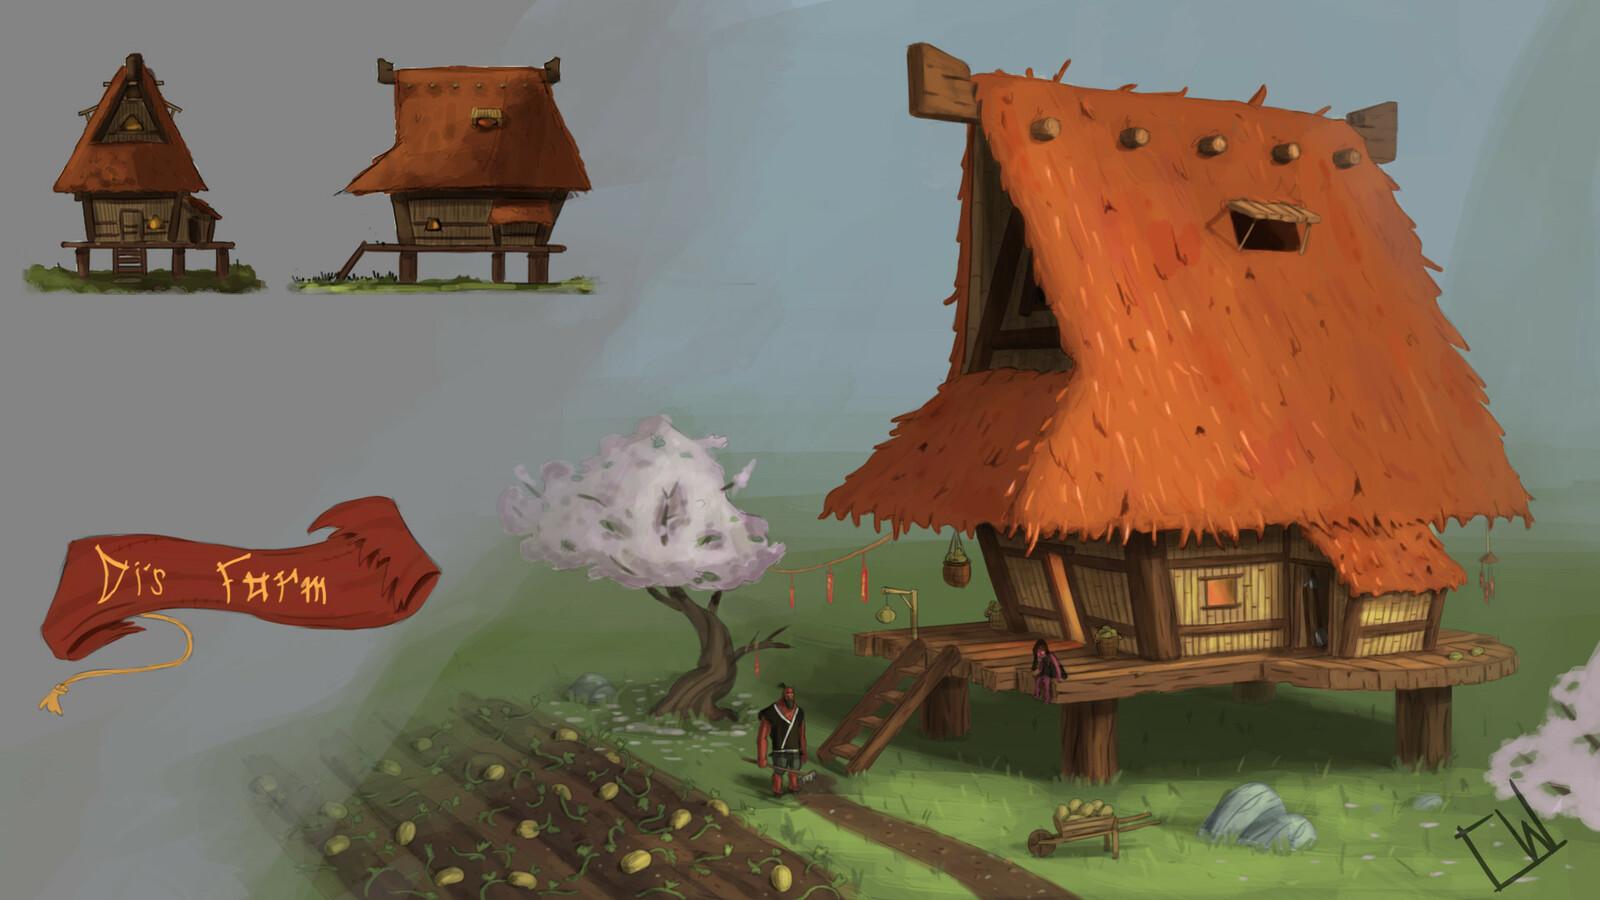 Di's farm